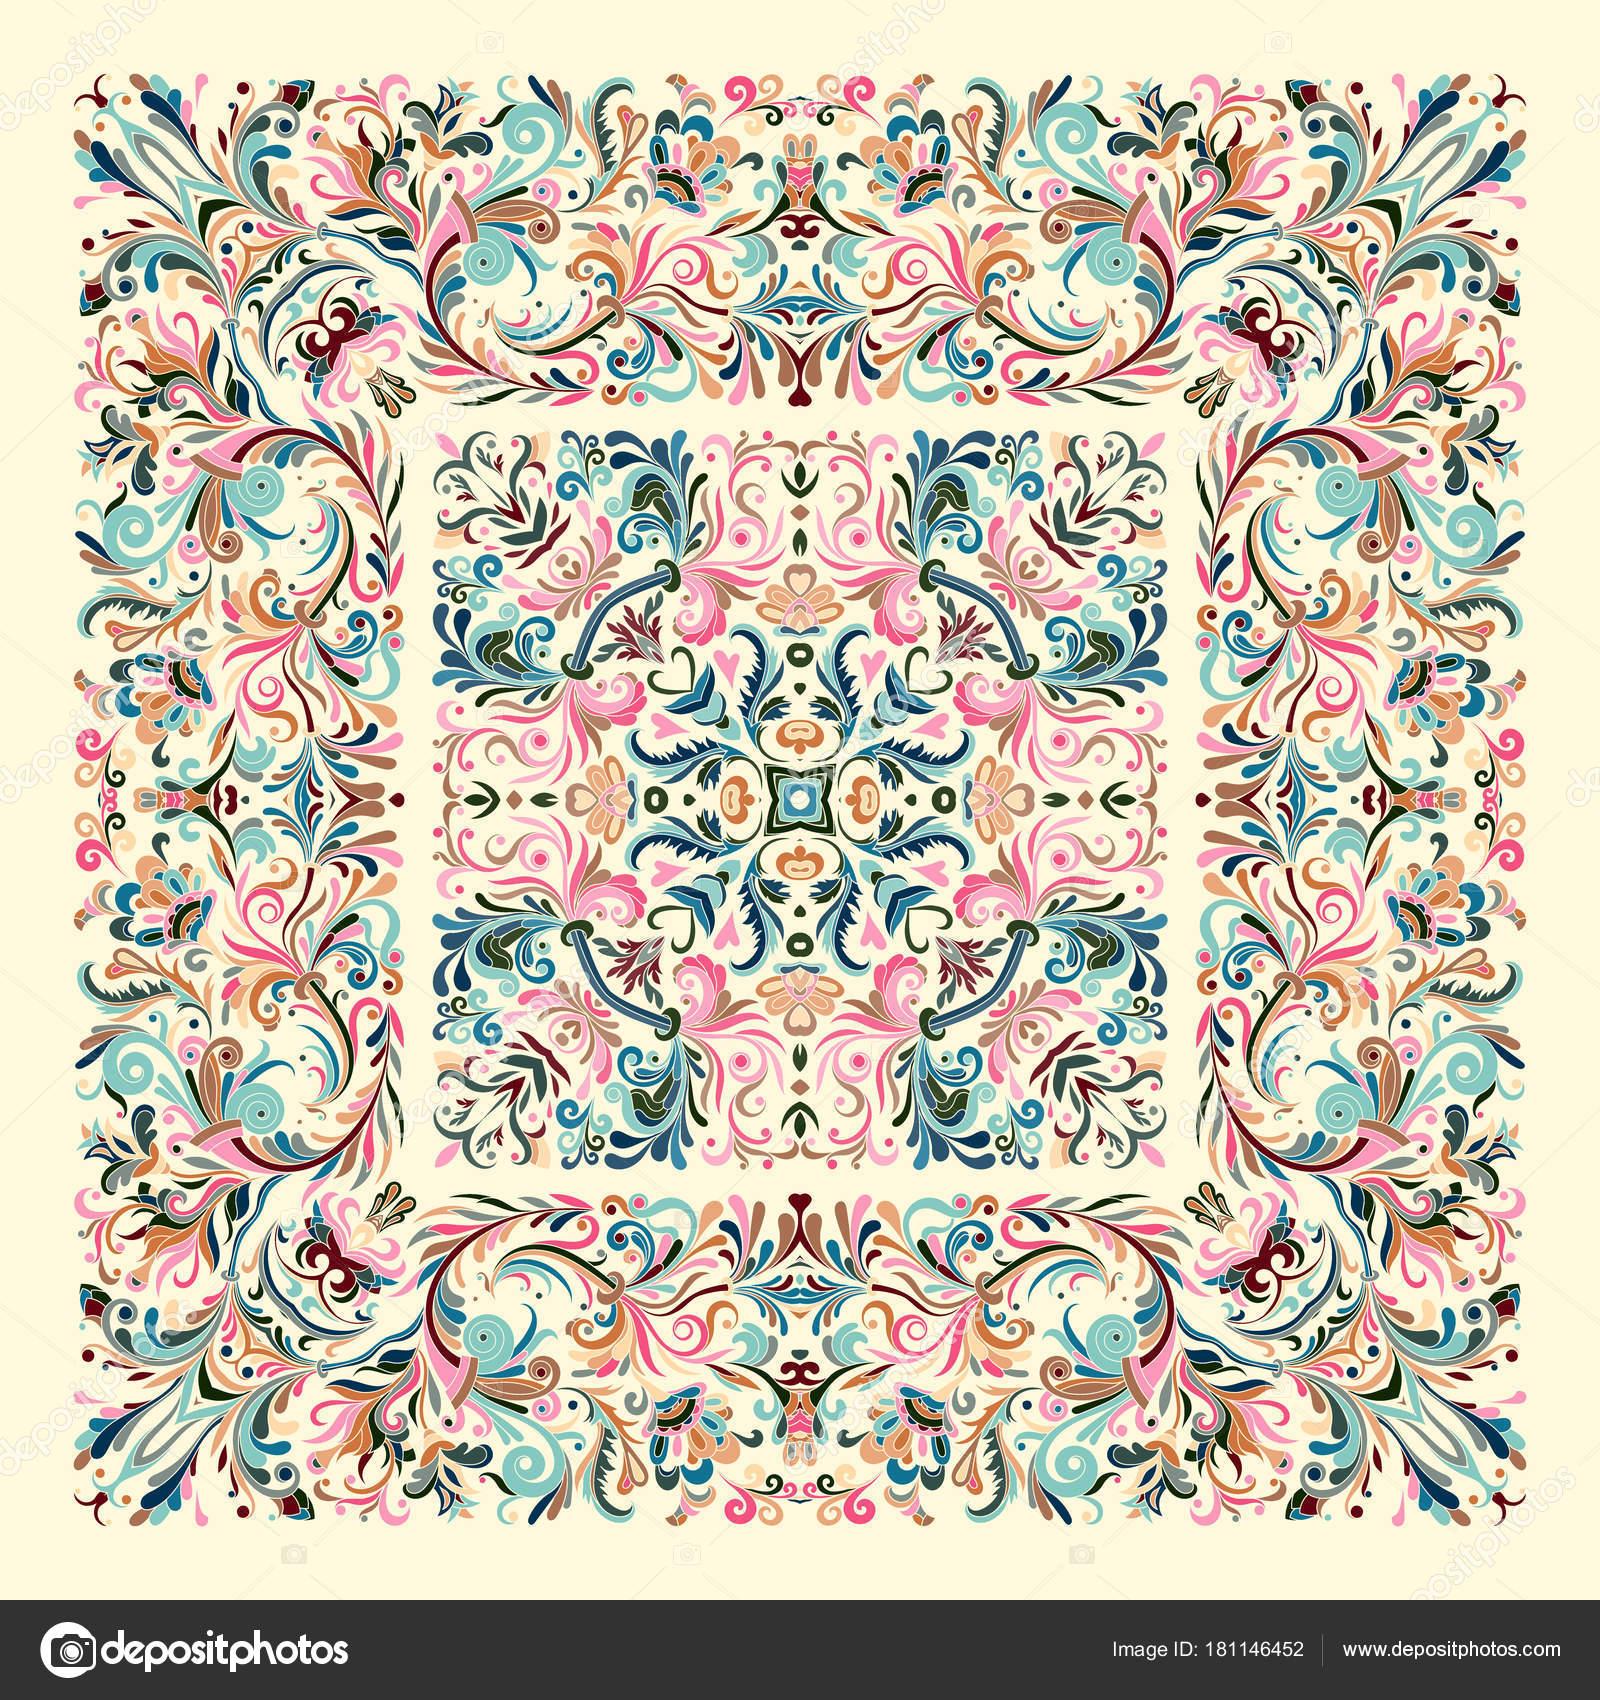 site autorisé choisir véritable Site officiel Décoration fond coloré, motif géométrique doodle floral avec ...